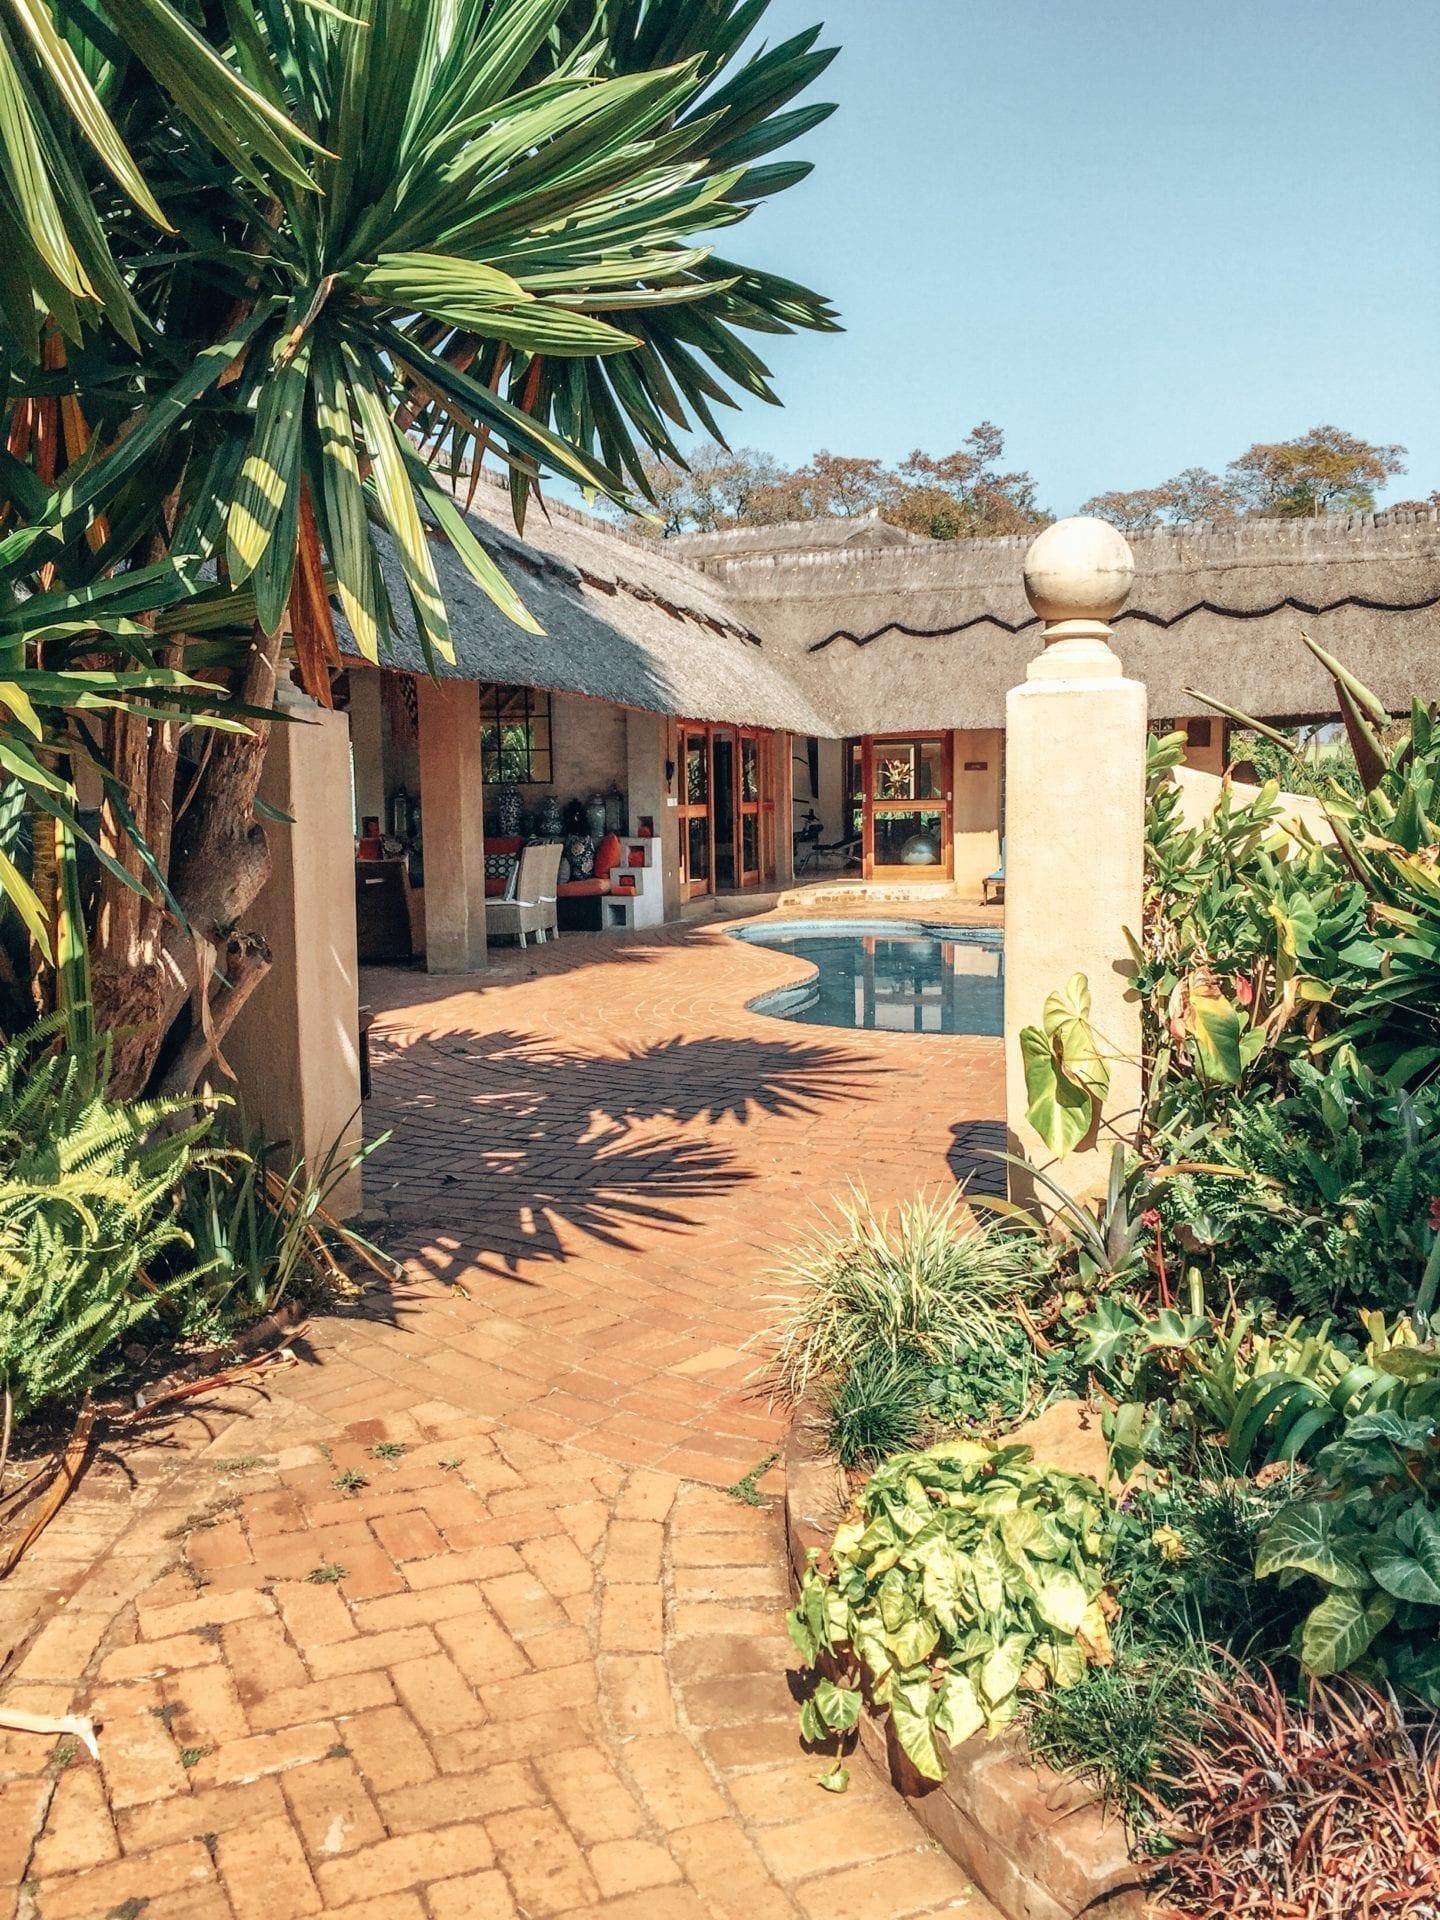 Amanzi Lodge, Harare Zimbabwe, Africa